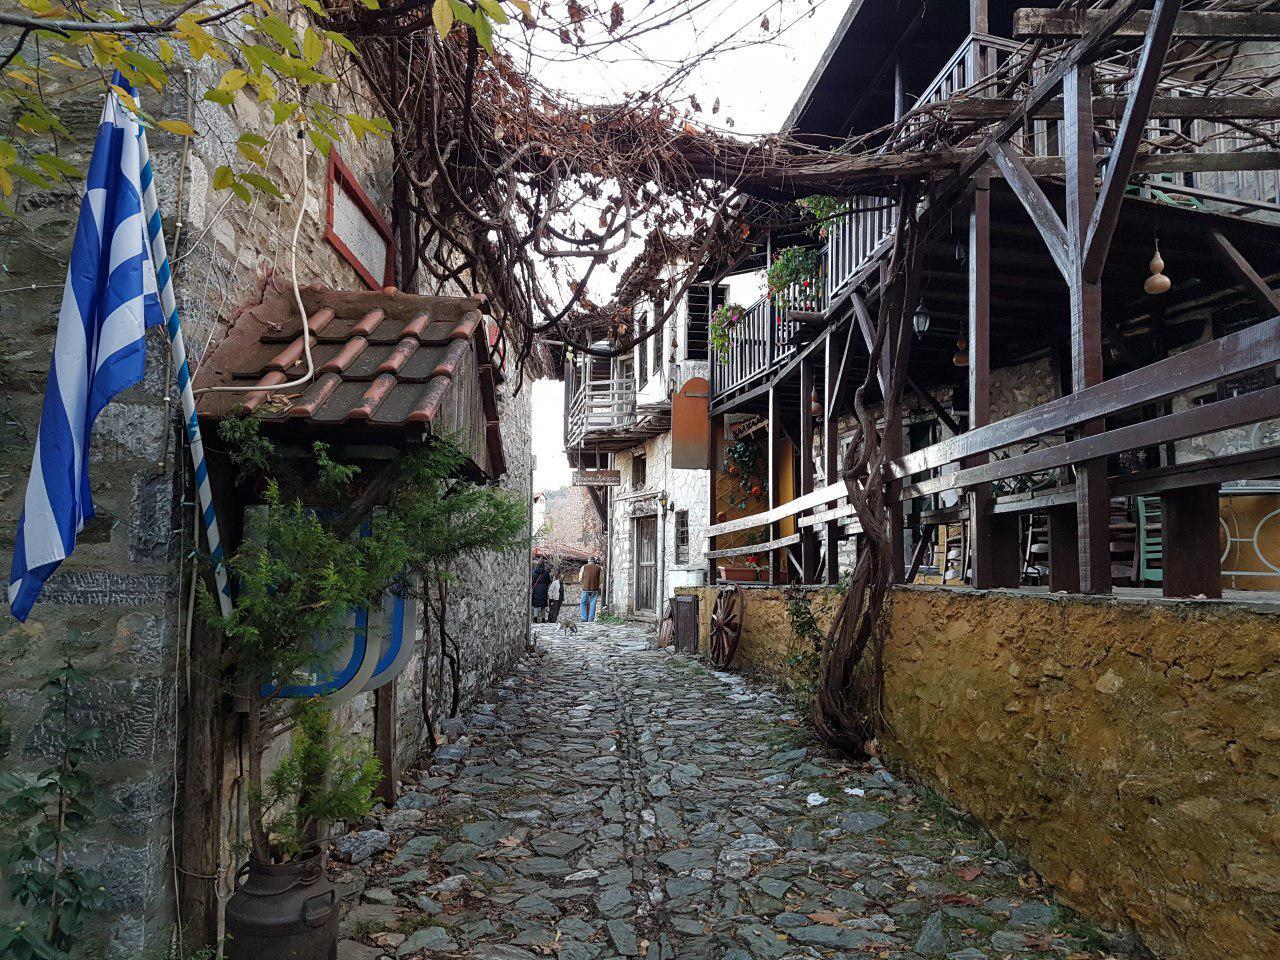 """התושבים חוזרים ועוסקים בתיירות: אחד הרחובות בעיירה (צילום: אחיה ראב""""ד)"""